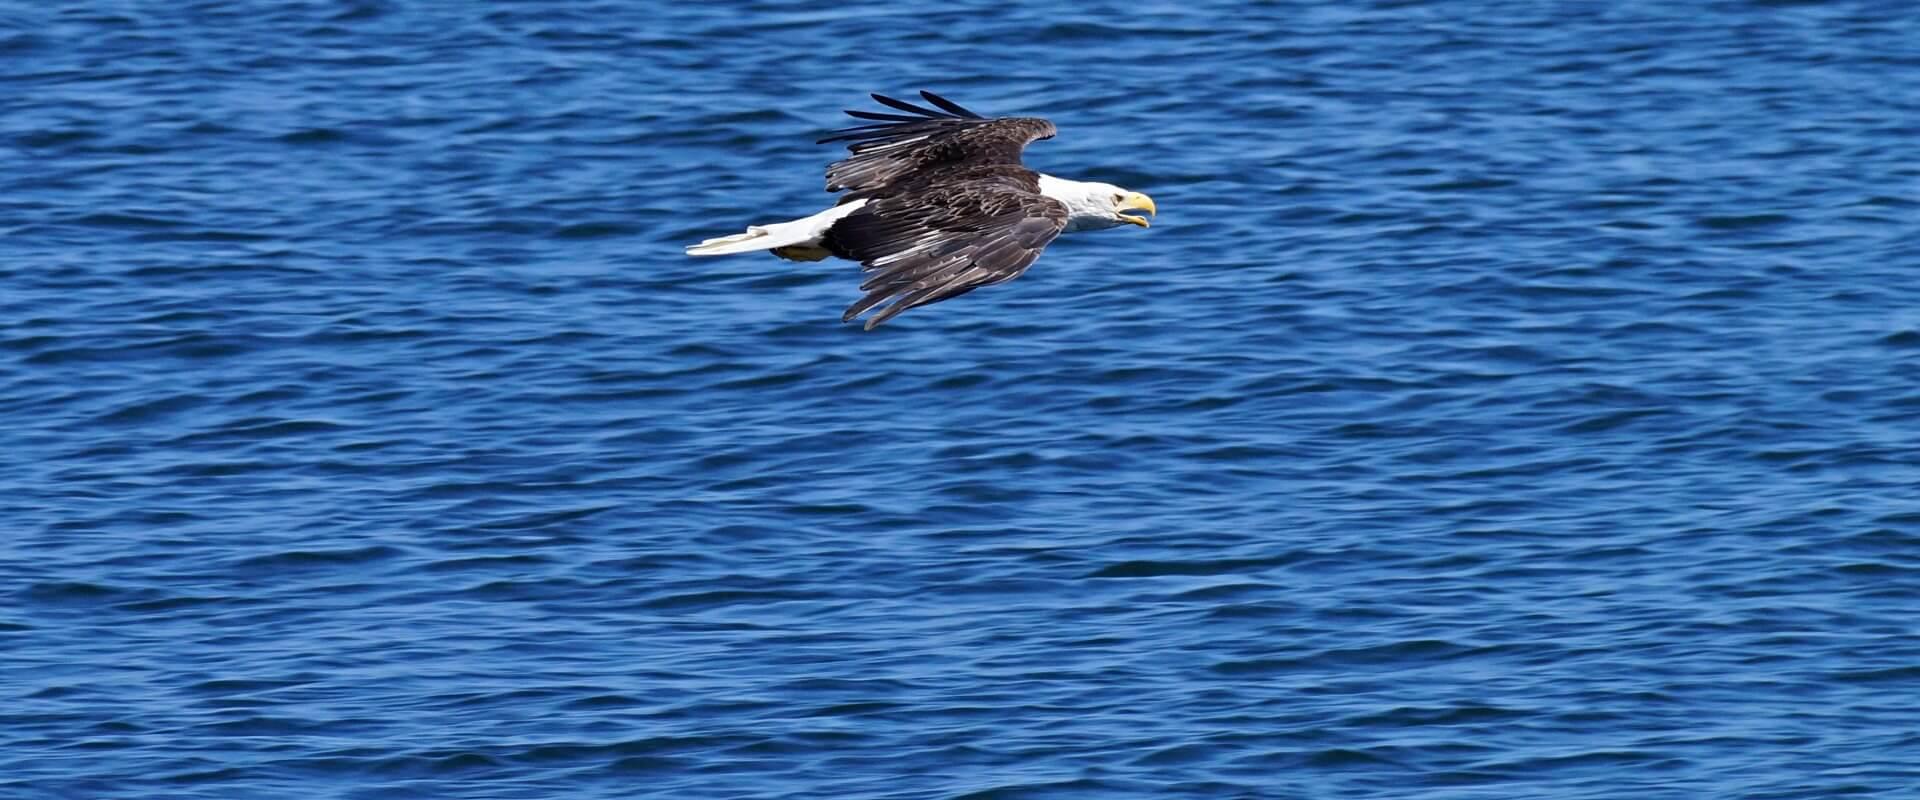 Von Adler bis Ziesel – Tierbegegnungen in Kanadas Südwesten